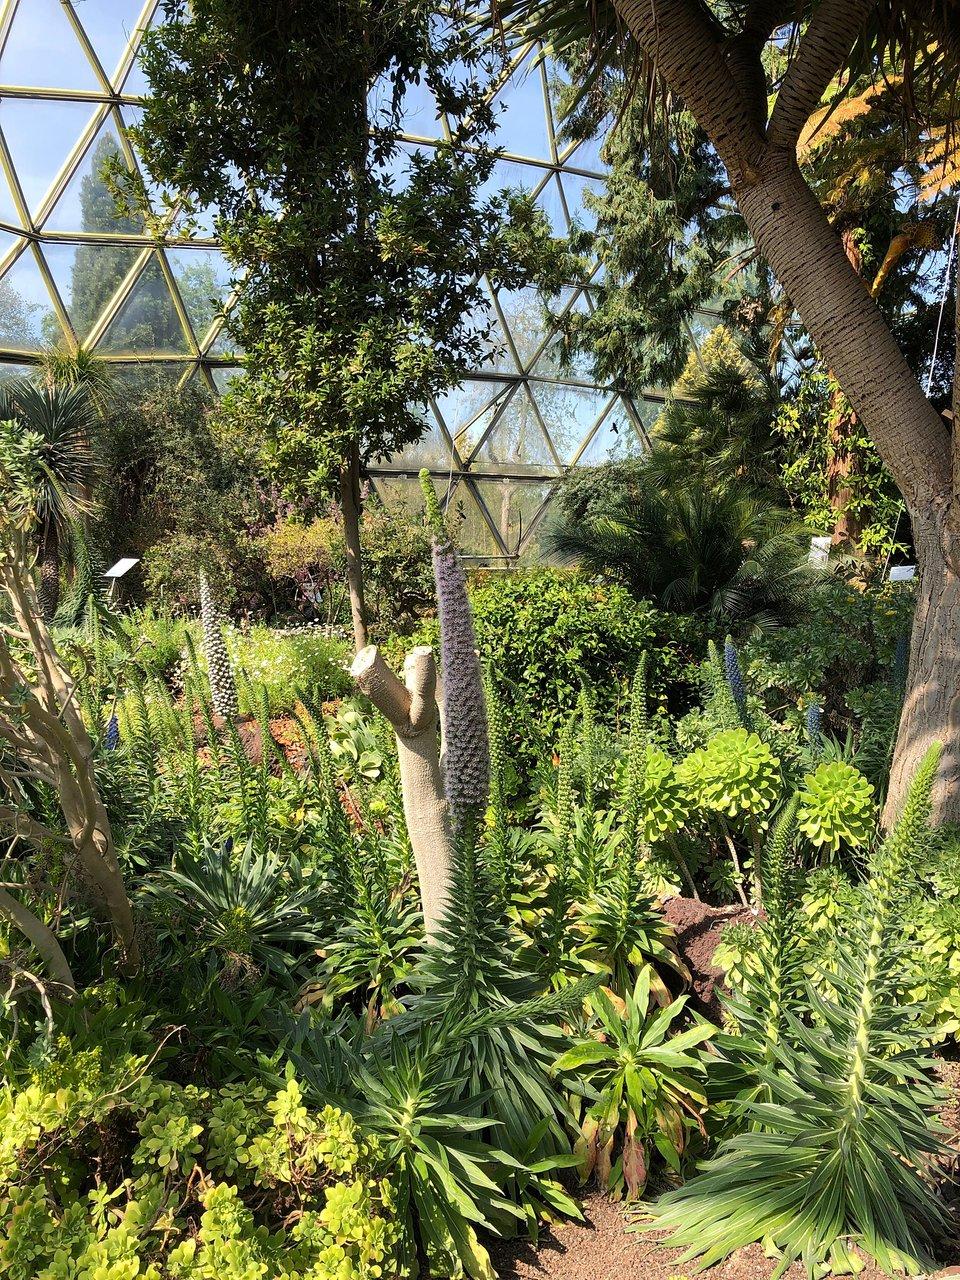 China Garten Luxus Botanical Garden Dusseldorf 2020 All You Need to Know